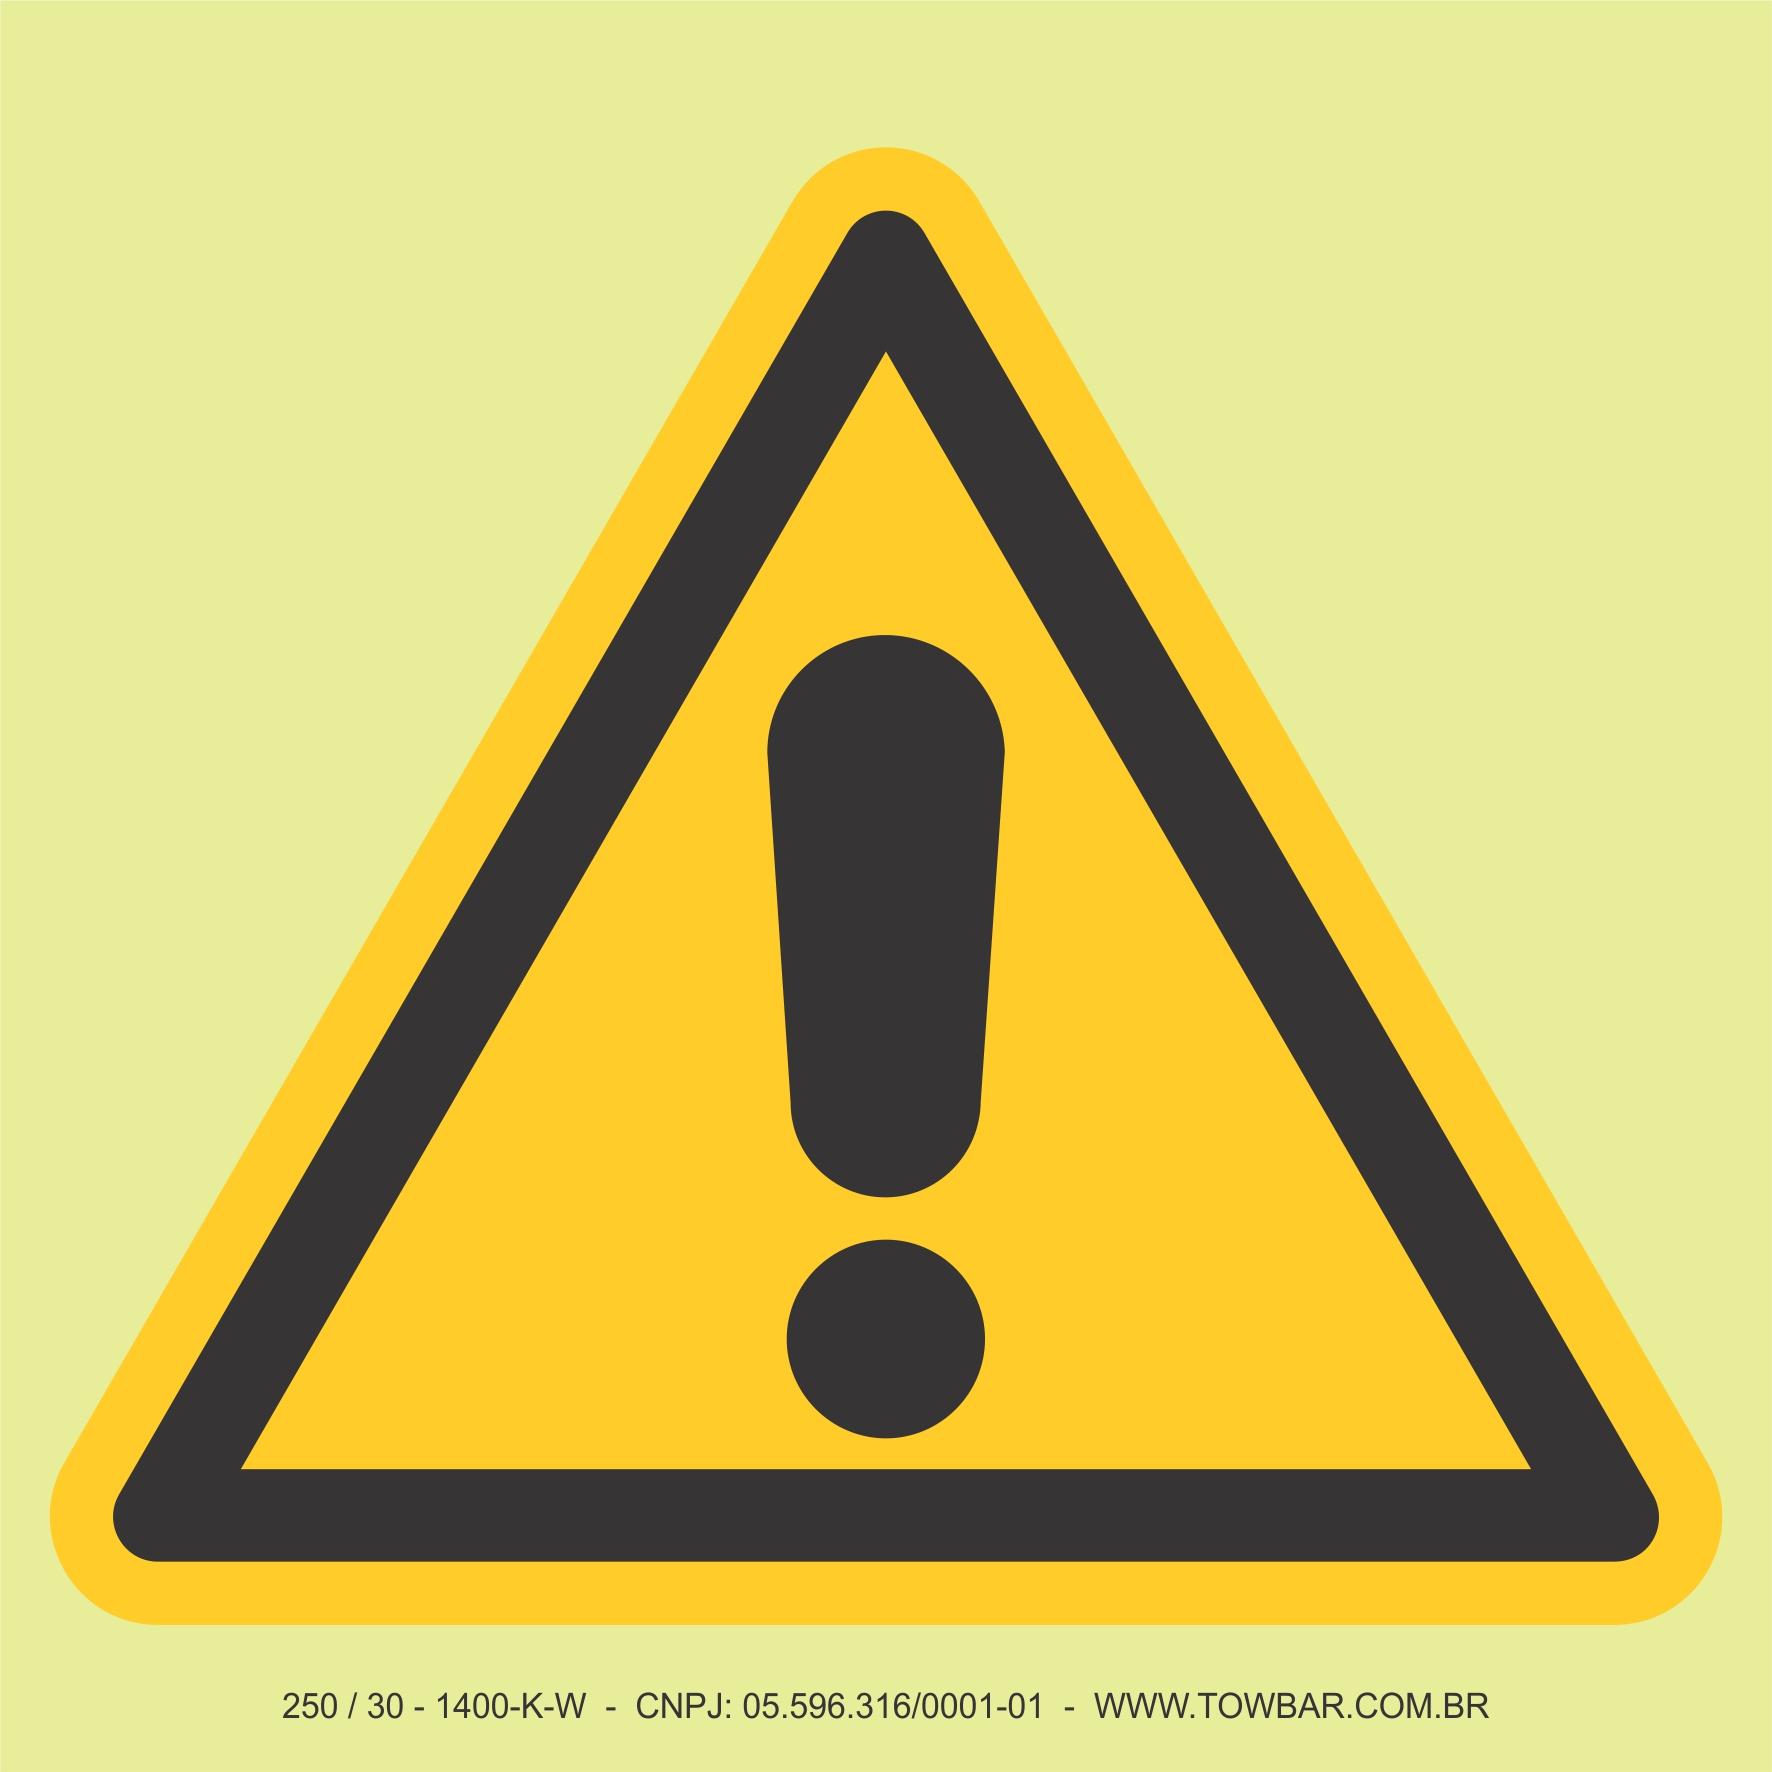 Sinal de Alerta Geral  - Towbar Sinalização de Segurança